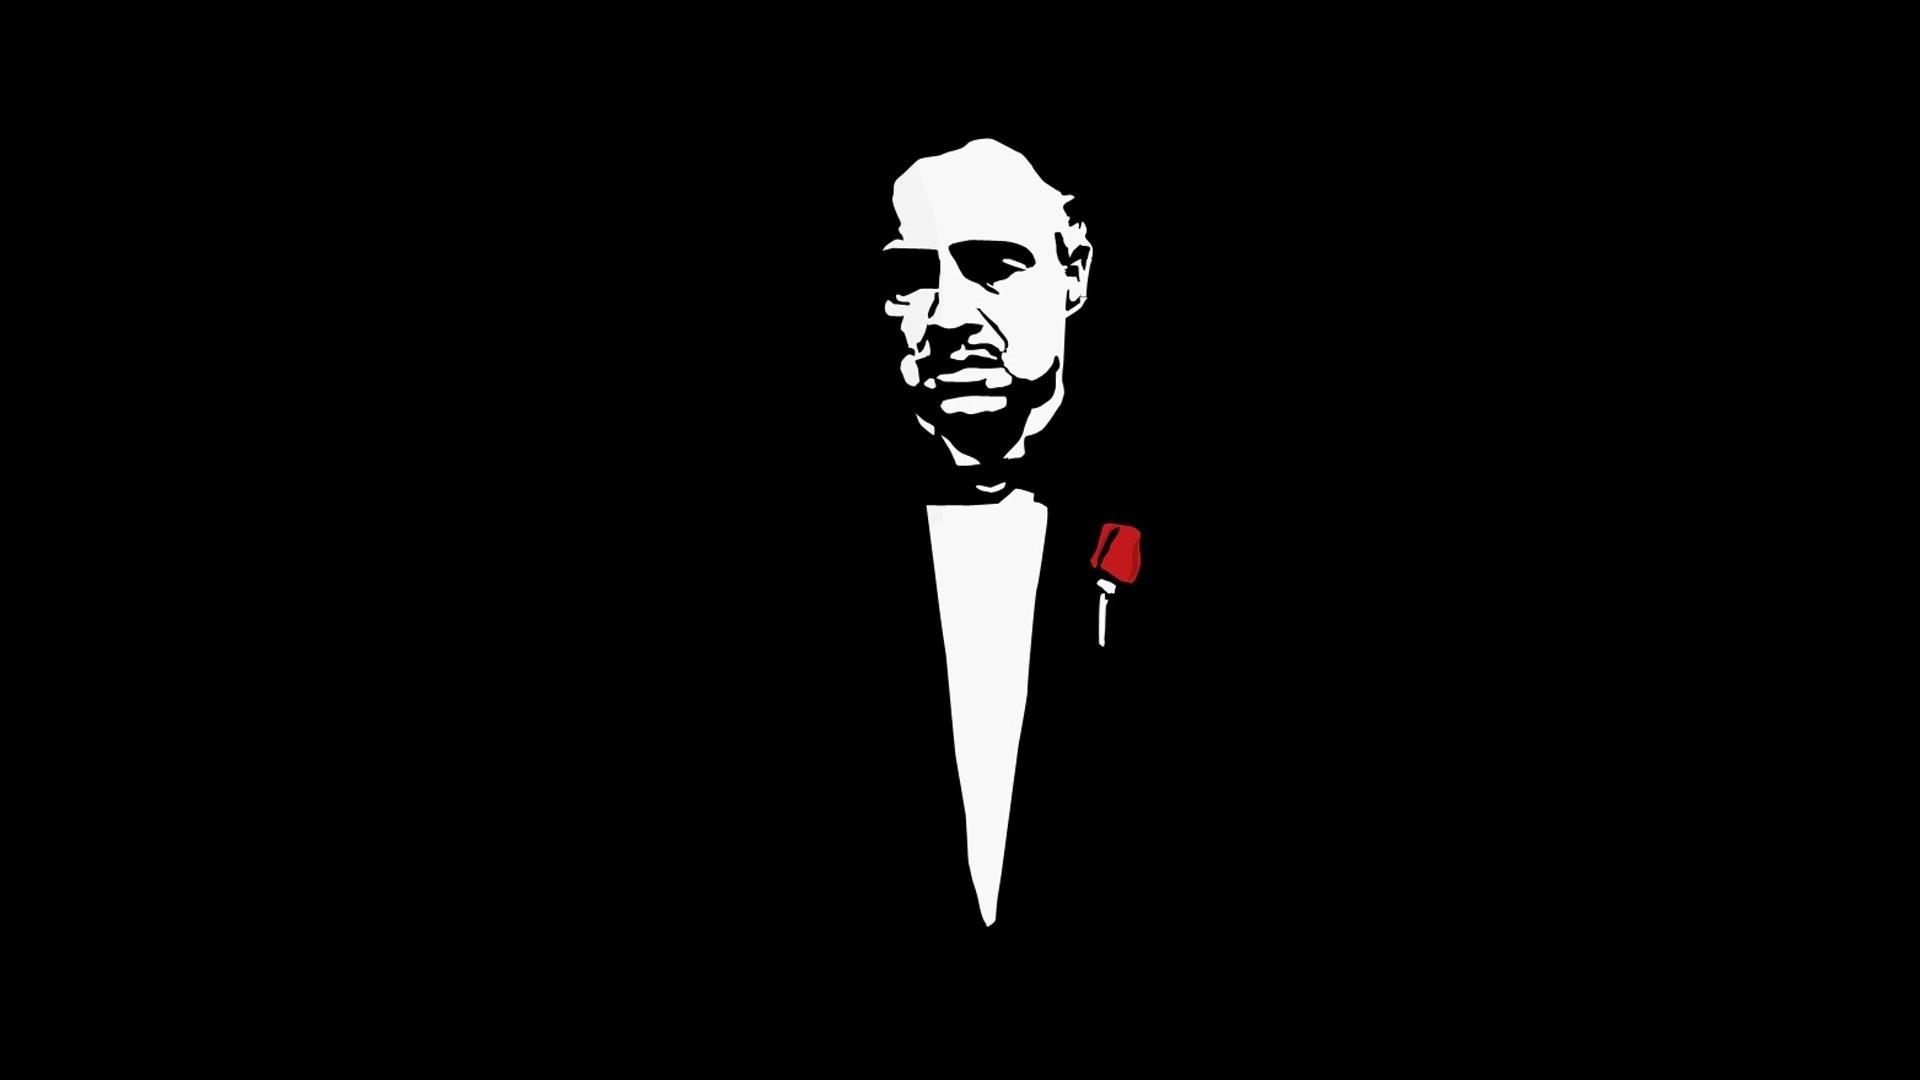 Res: 1920x1080, Filme - The Godfather Filme Wallpaper